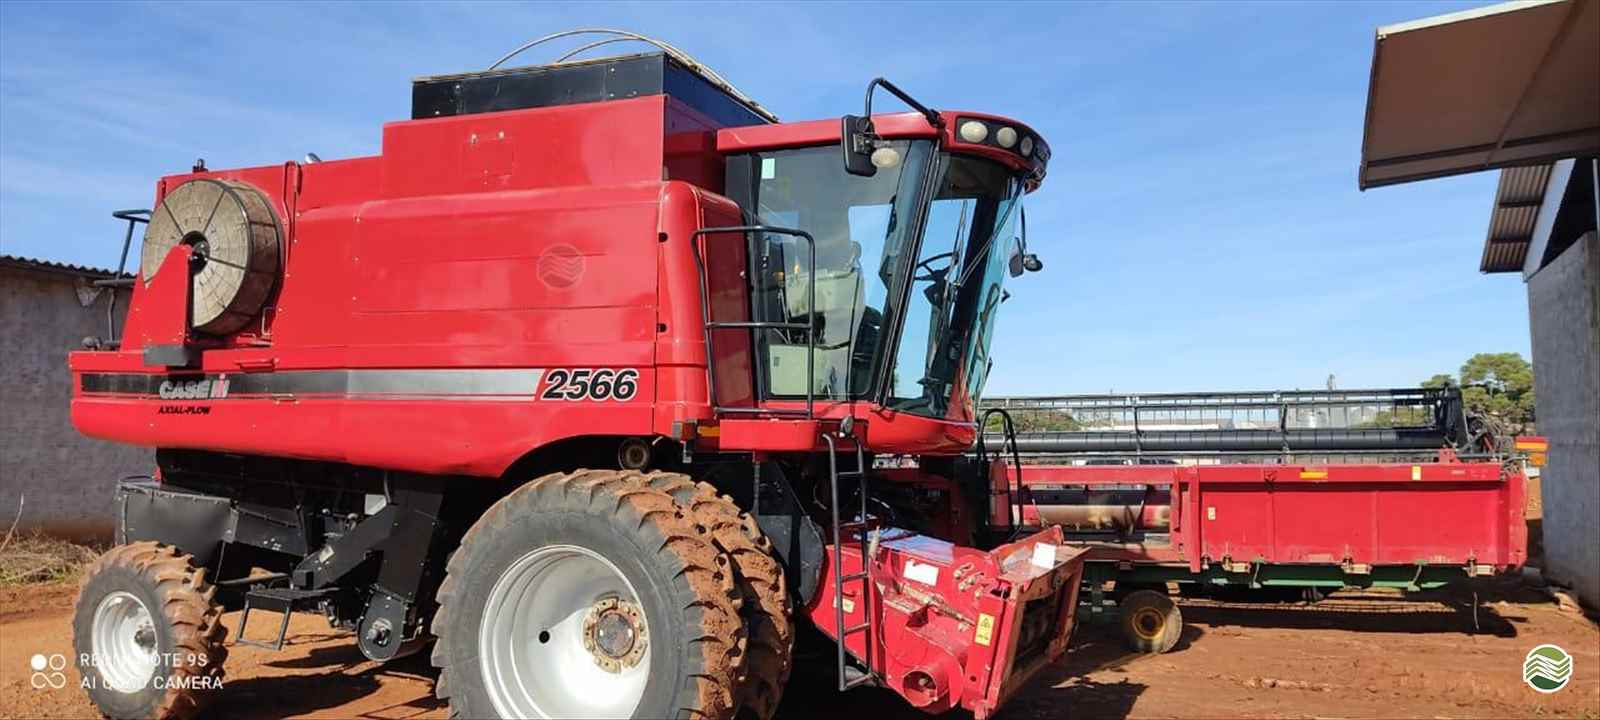 CASE 2566 de Máquinas Agrícolas Pitanga - PITANGA/PR